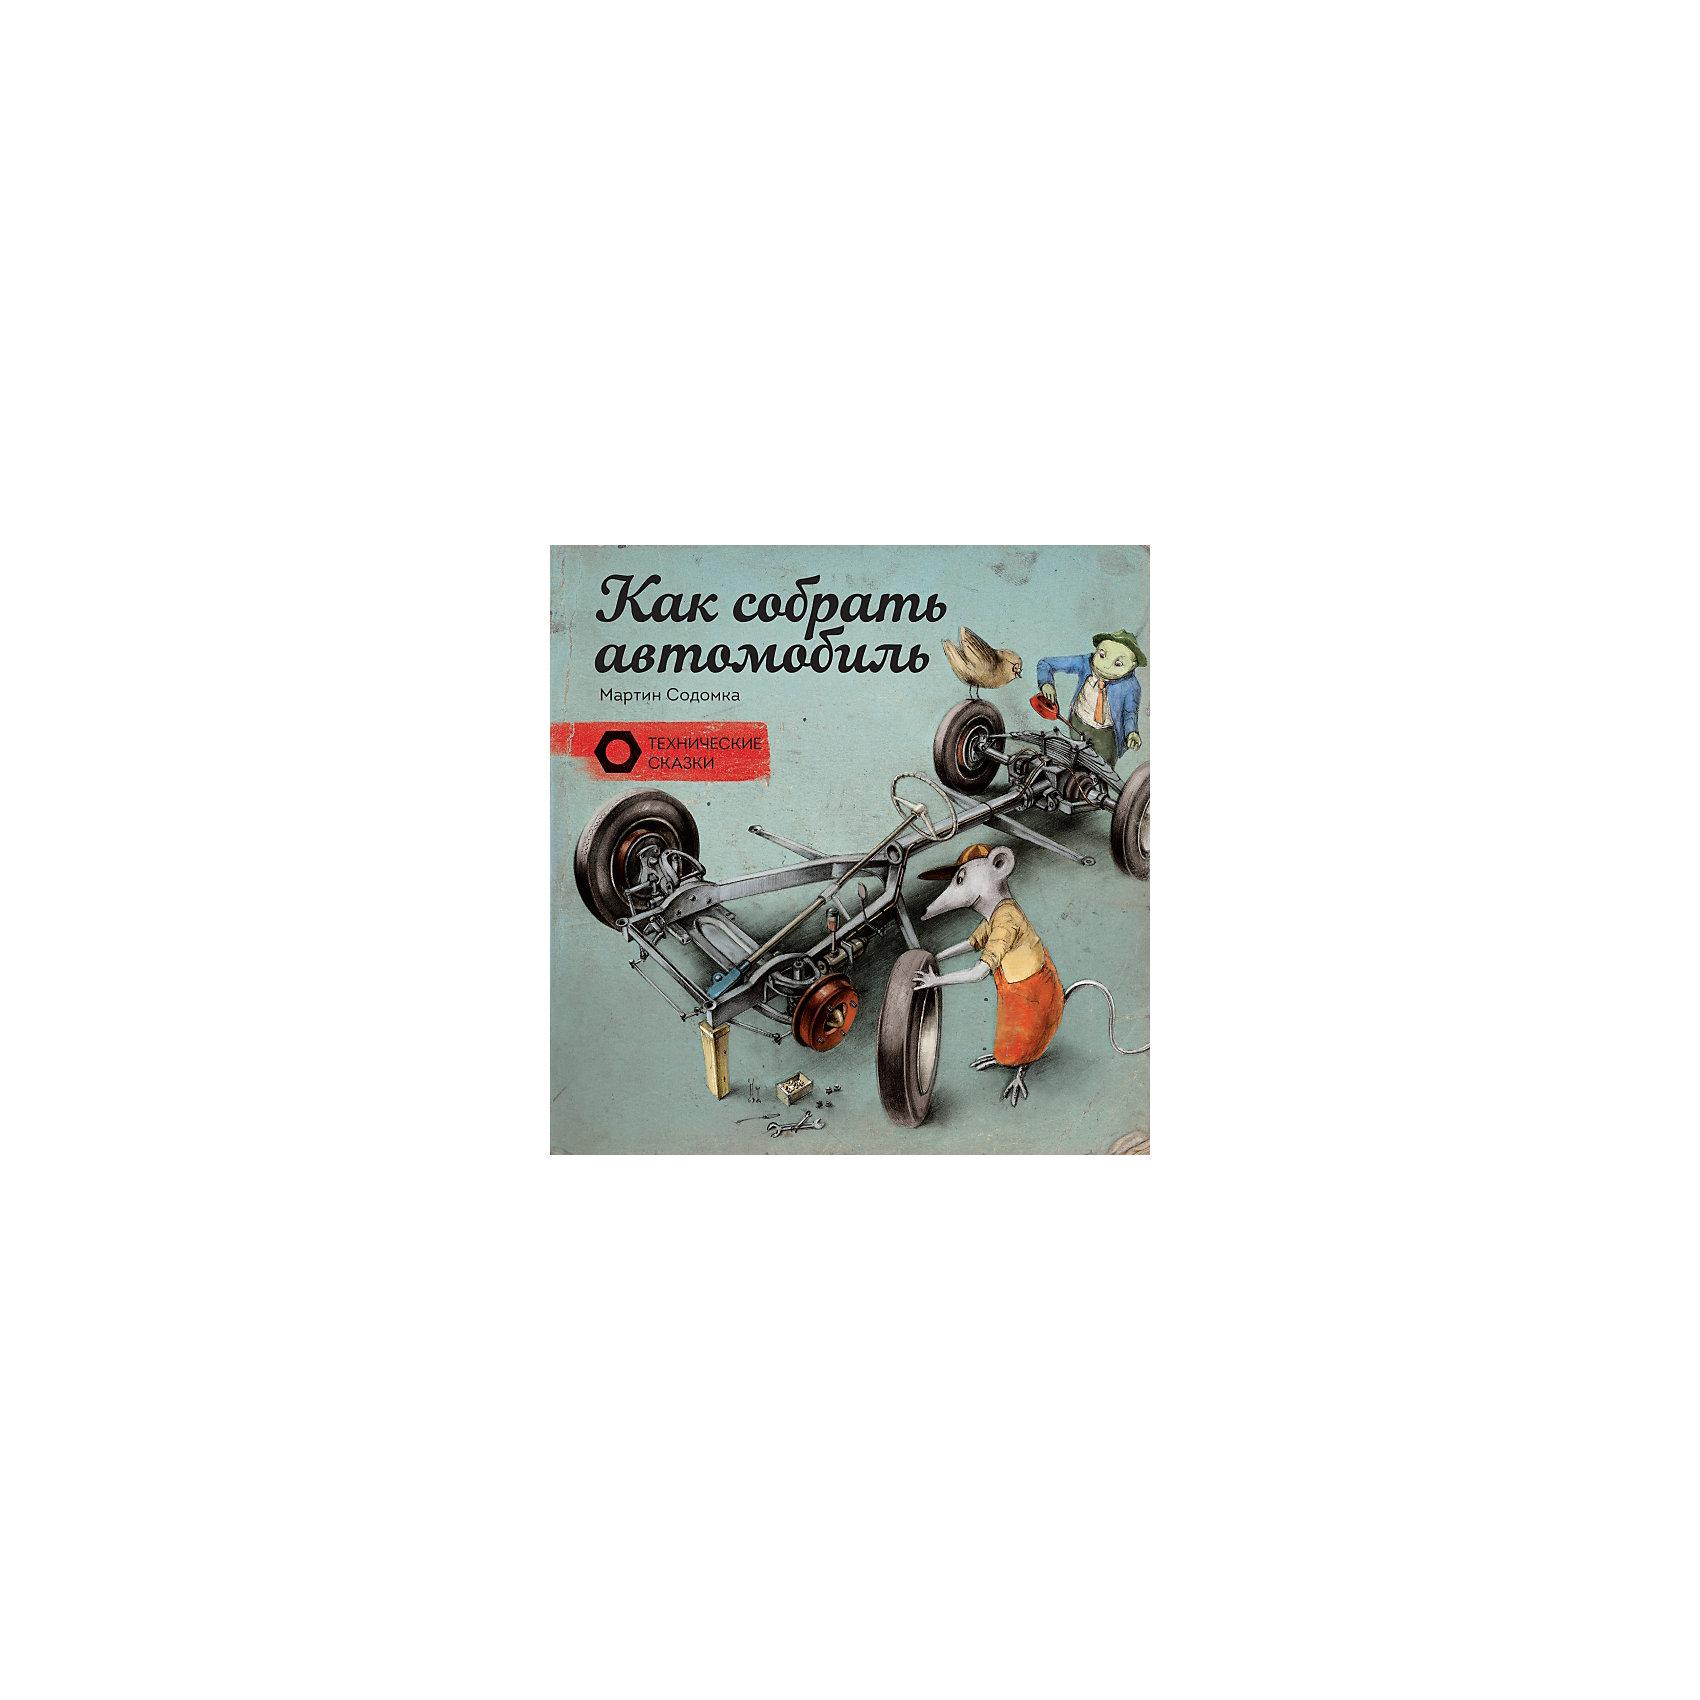 Как собрать автомобильКниги для мальчиков<br>Характеристики товара: <br><br>• ISBN: 9785001005957<br>• возраст от: 5 лет<br>• формат: 70x100/12<br>• бумага: мелованная<br>• обложка: твердая<br>• издательство: Манн, Иванов и Фербер<br>• иллюстрации: цветные<br>• автор: Содомка Мартин<br>• художник: Содомка Мартин<br>• переводчик: Авдеева Анна<br>• количество страниц: 60<br>• размеры: 21x21 см<br><br>Издание «Как собрать автомобиль» - это сказка, в которой главные герои - животные - сталкиваются с определенной задачей. Она поможет детям узнать больше о конструкции и принципе работы автомобиля.<br><br>Яркие картинки, доступный язык, интересные факты и рассказы помогут ребенку узнать много нового, а также подстегнуть тягу к знаниям.<br><br>Книгу «Как собрать автомобиль» можно купить в нашем интернет-магазине.<br><br>Ширина мм: 215<br>Глубина мм: 215<br>Высота мм: 10<br>Вес г: 392<br>Возраст от месяцев: 72<br>Возраст до месяцев: 2147483647<br>Пол: Унисекс<br>Возраст: Детский<br>SKU: 5535253